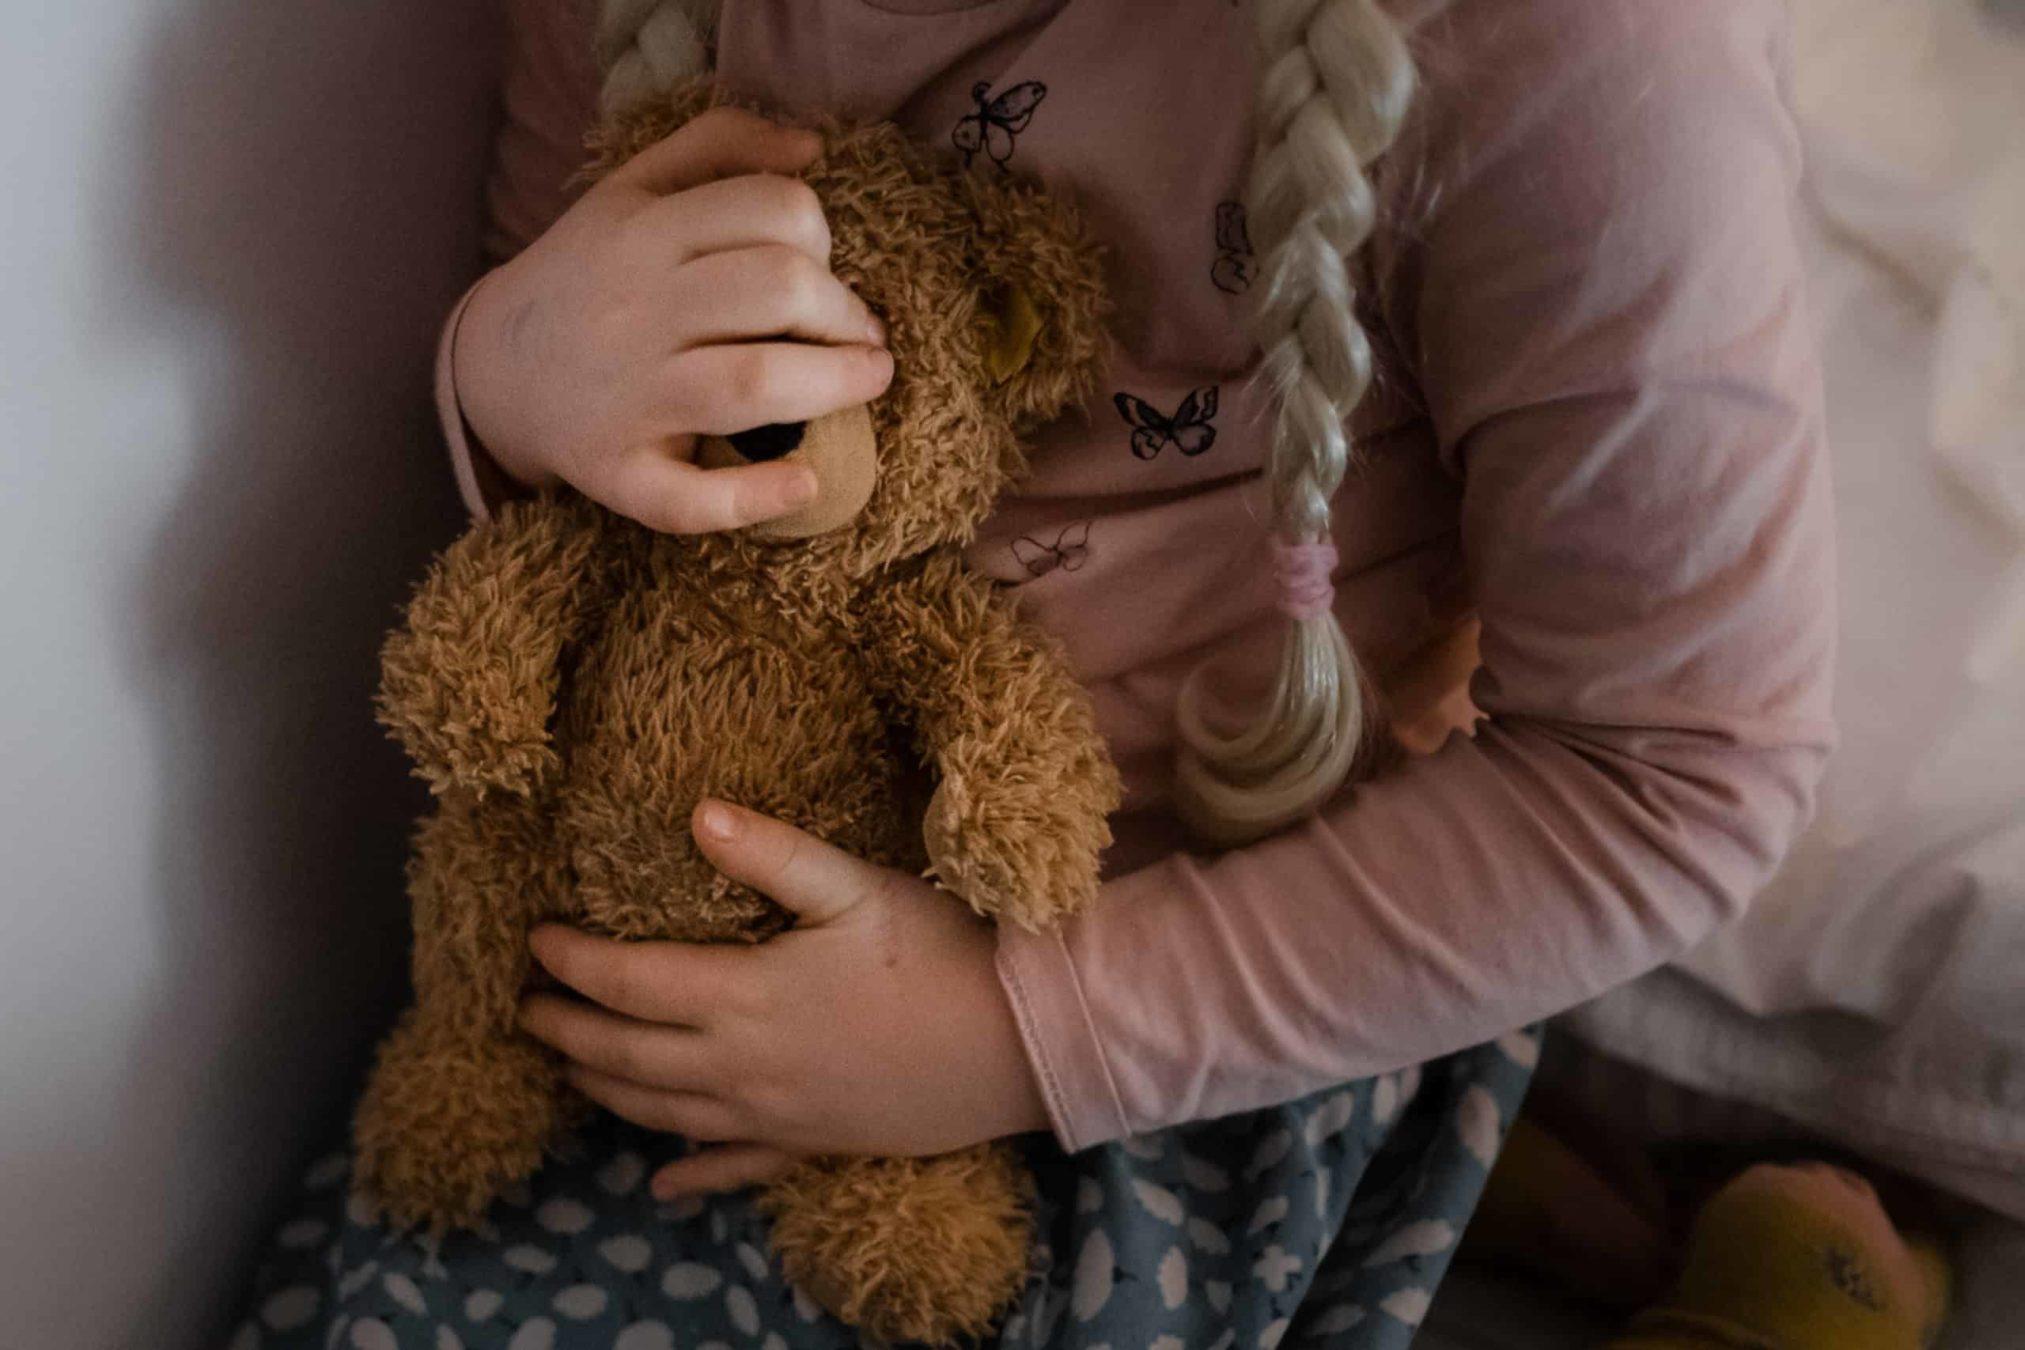 ein Mädchen hält einen braunen Teddybären in ihren Händen, sie trägt einen Rock, einen Pullove und 2 Zöpfe